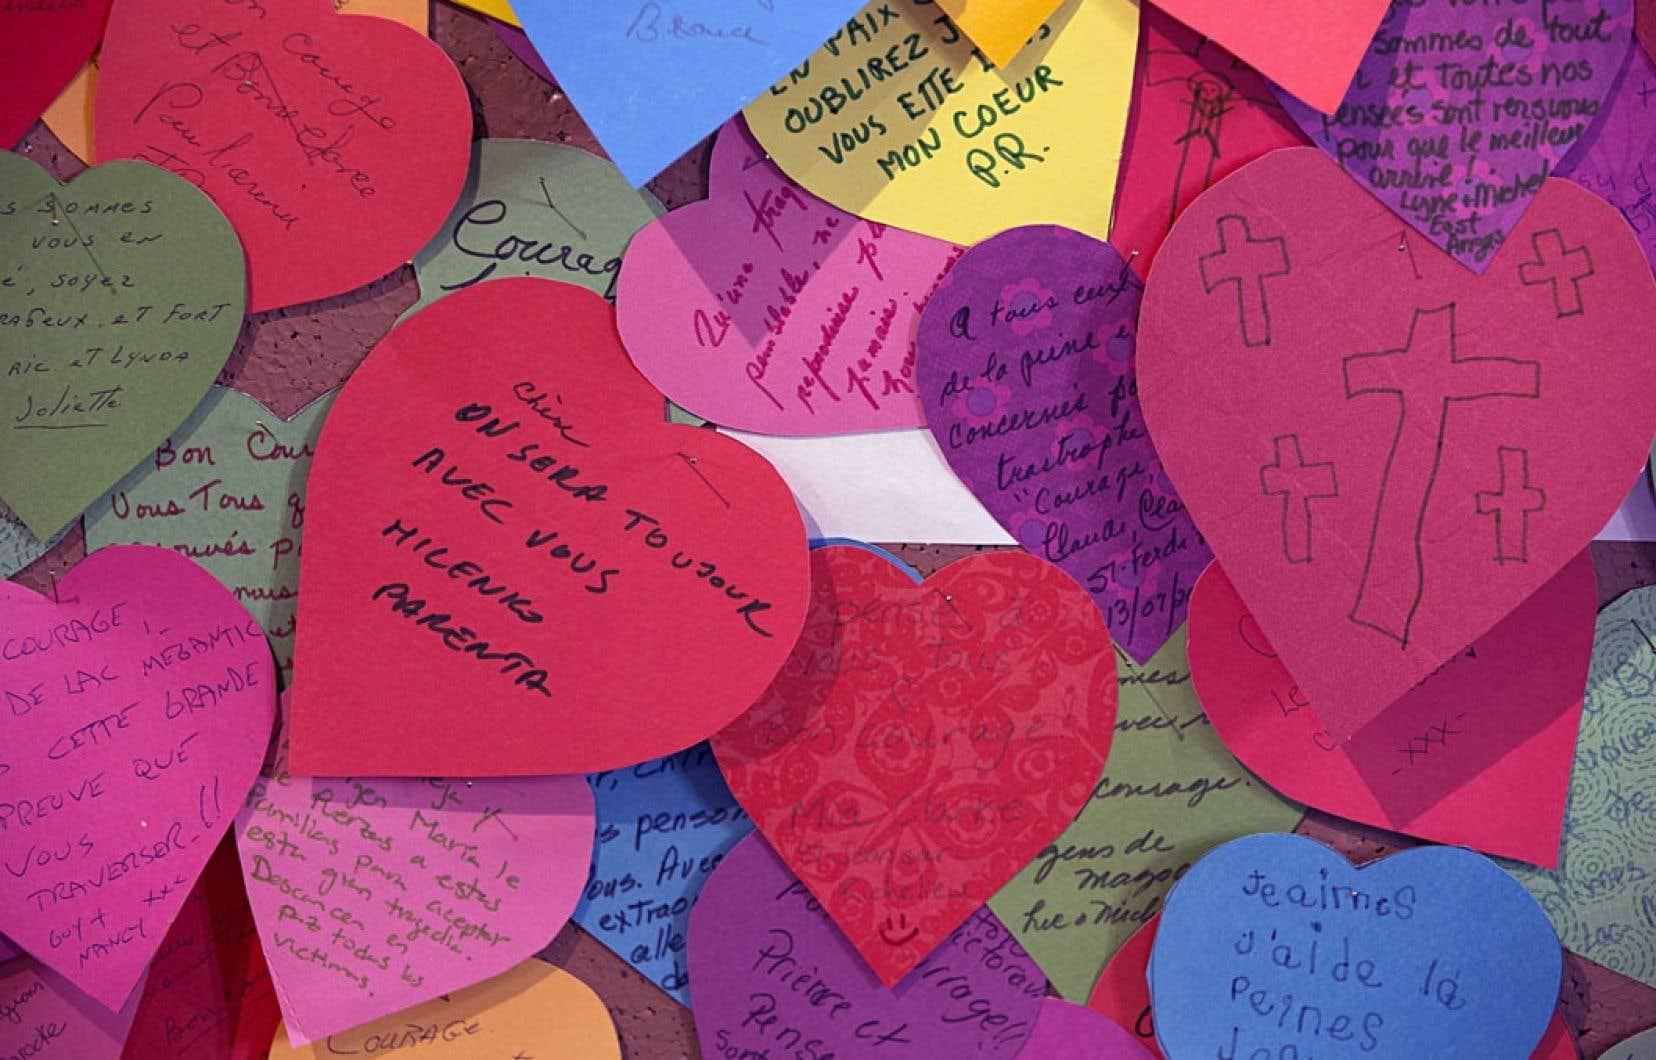 Les messages de sympathie à l'intention des proches des victimes de la tragédie tapissent de larges panneaux à l'église Sainte-Agnès de Lac-Mégantic.